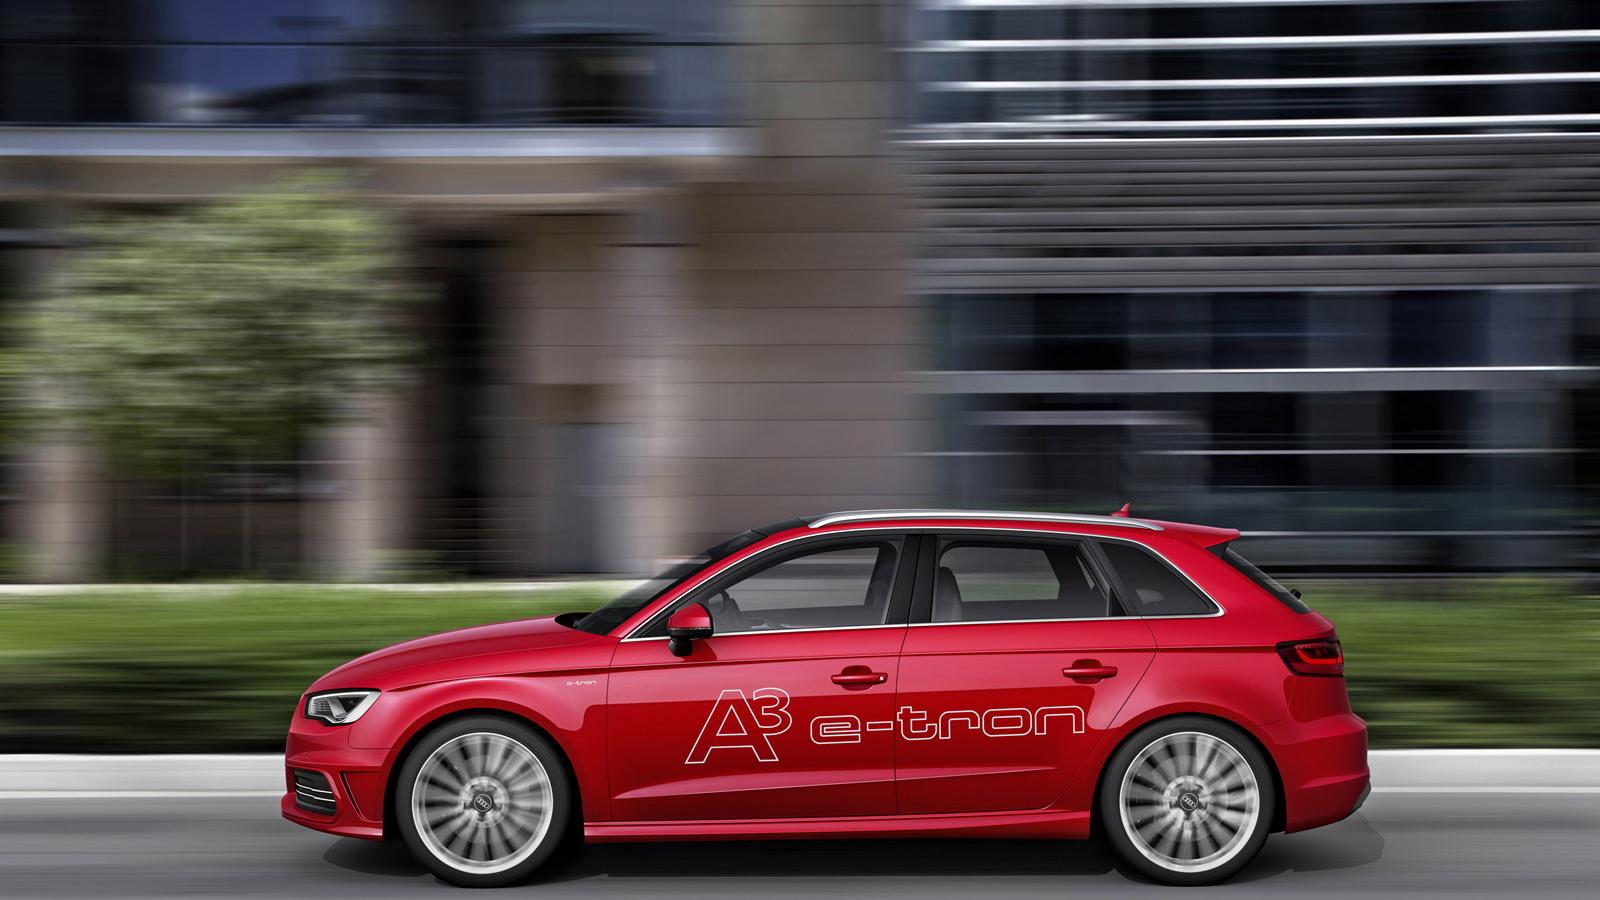 2014 Audi A3 e-tron plug-in hybrid